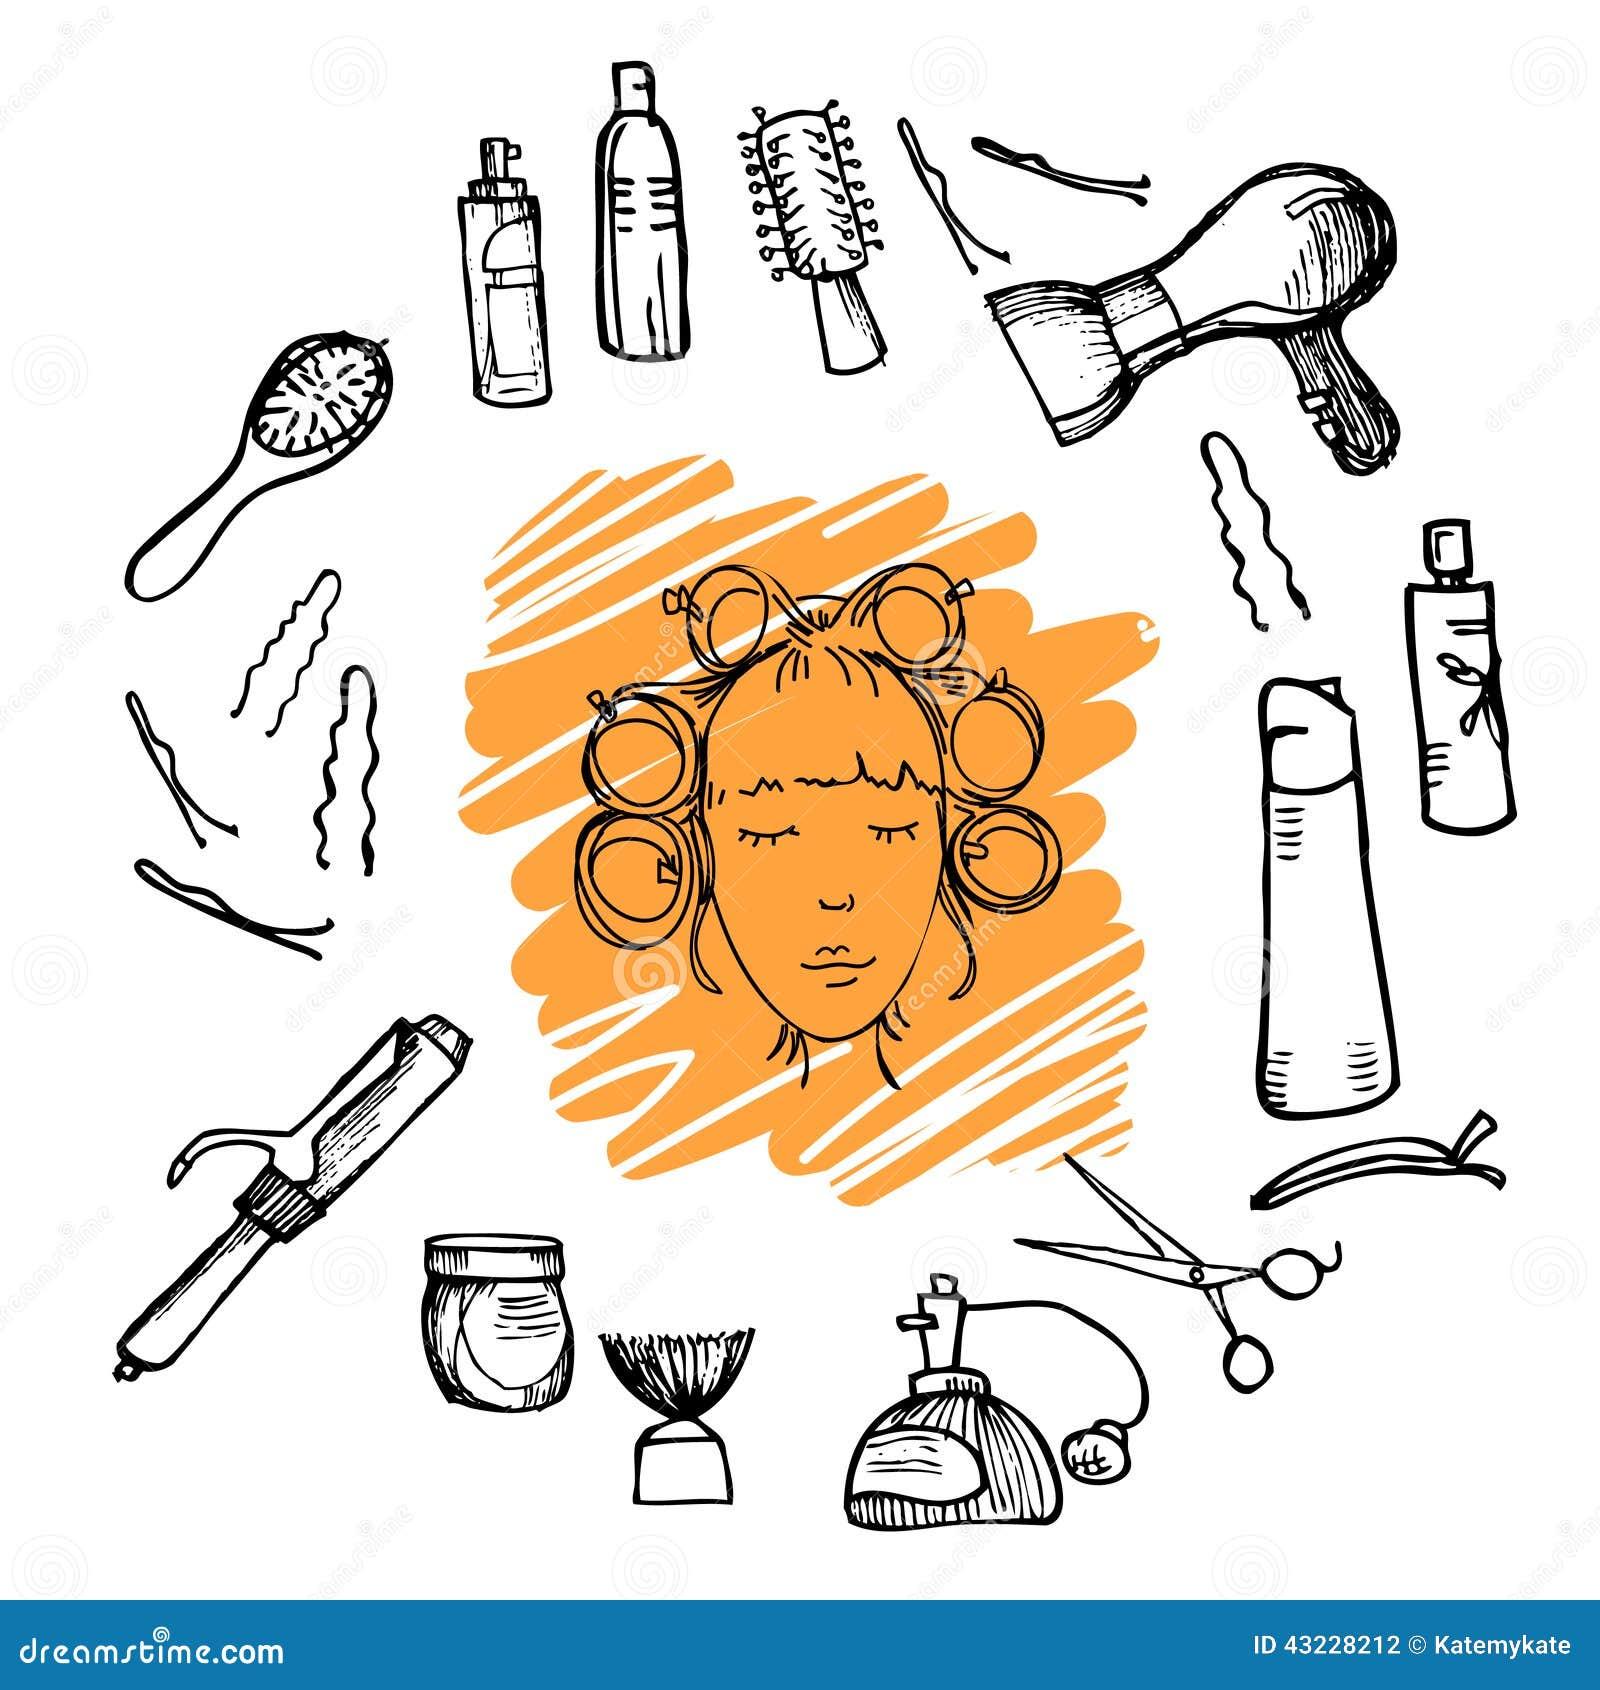 Вручите вычерченную иллюстрацию - инструменты парикмахерских услуг (ножницы, гребни, вводя в моду) и женщину с роликами волос